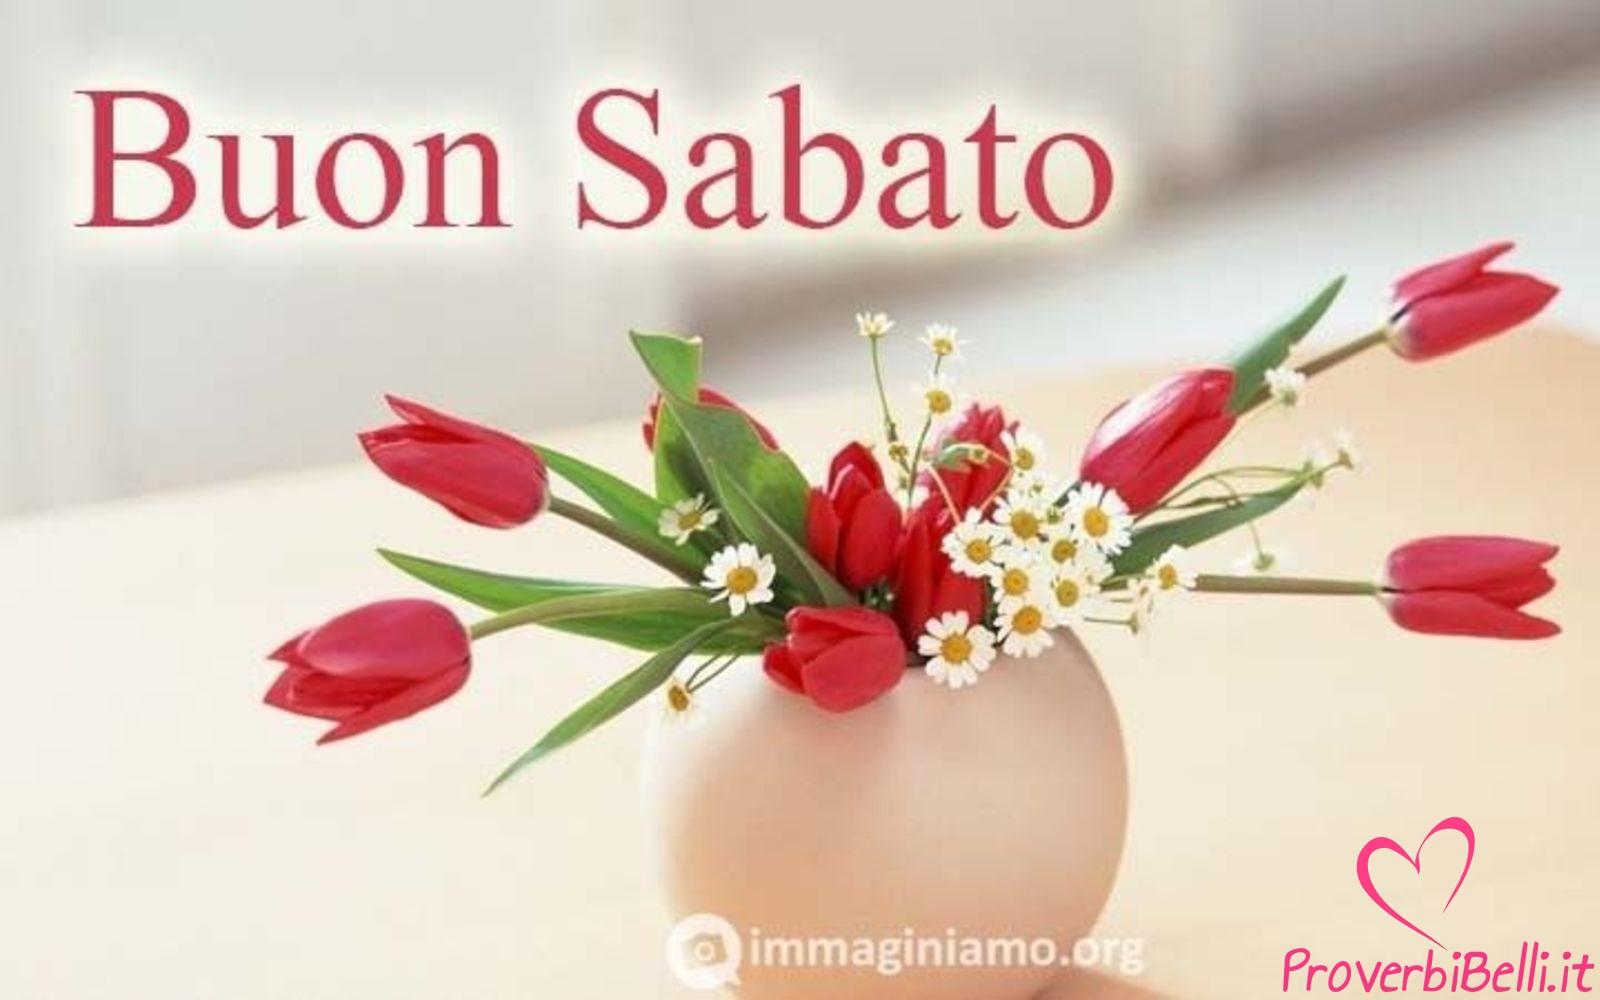 Immagini Buongiorno Sabato per Whatsapp